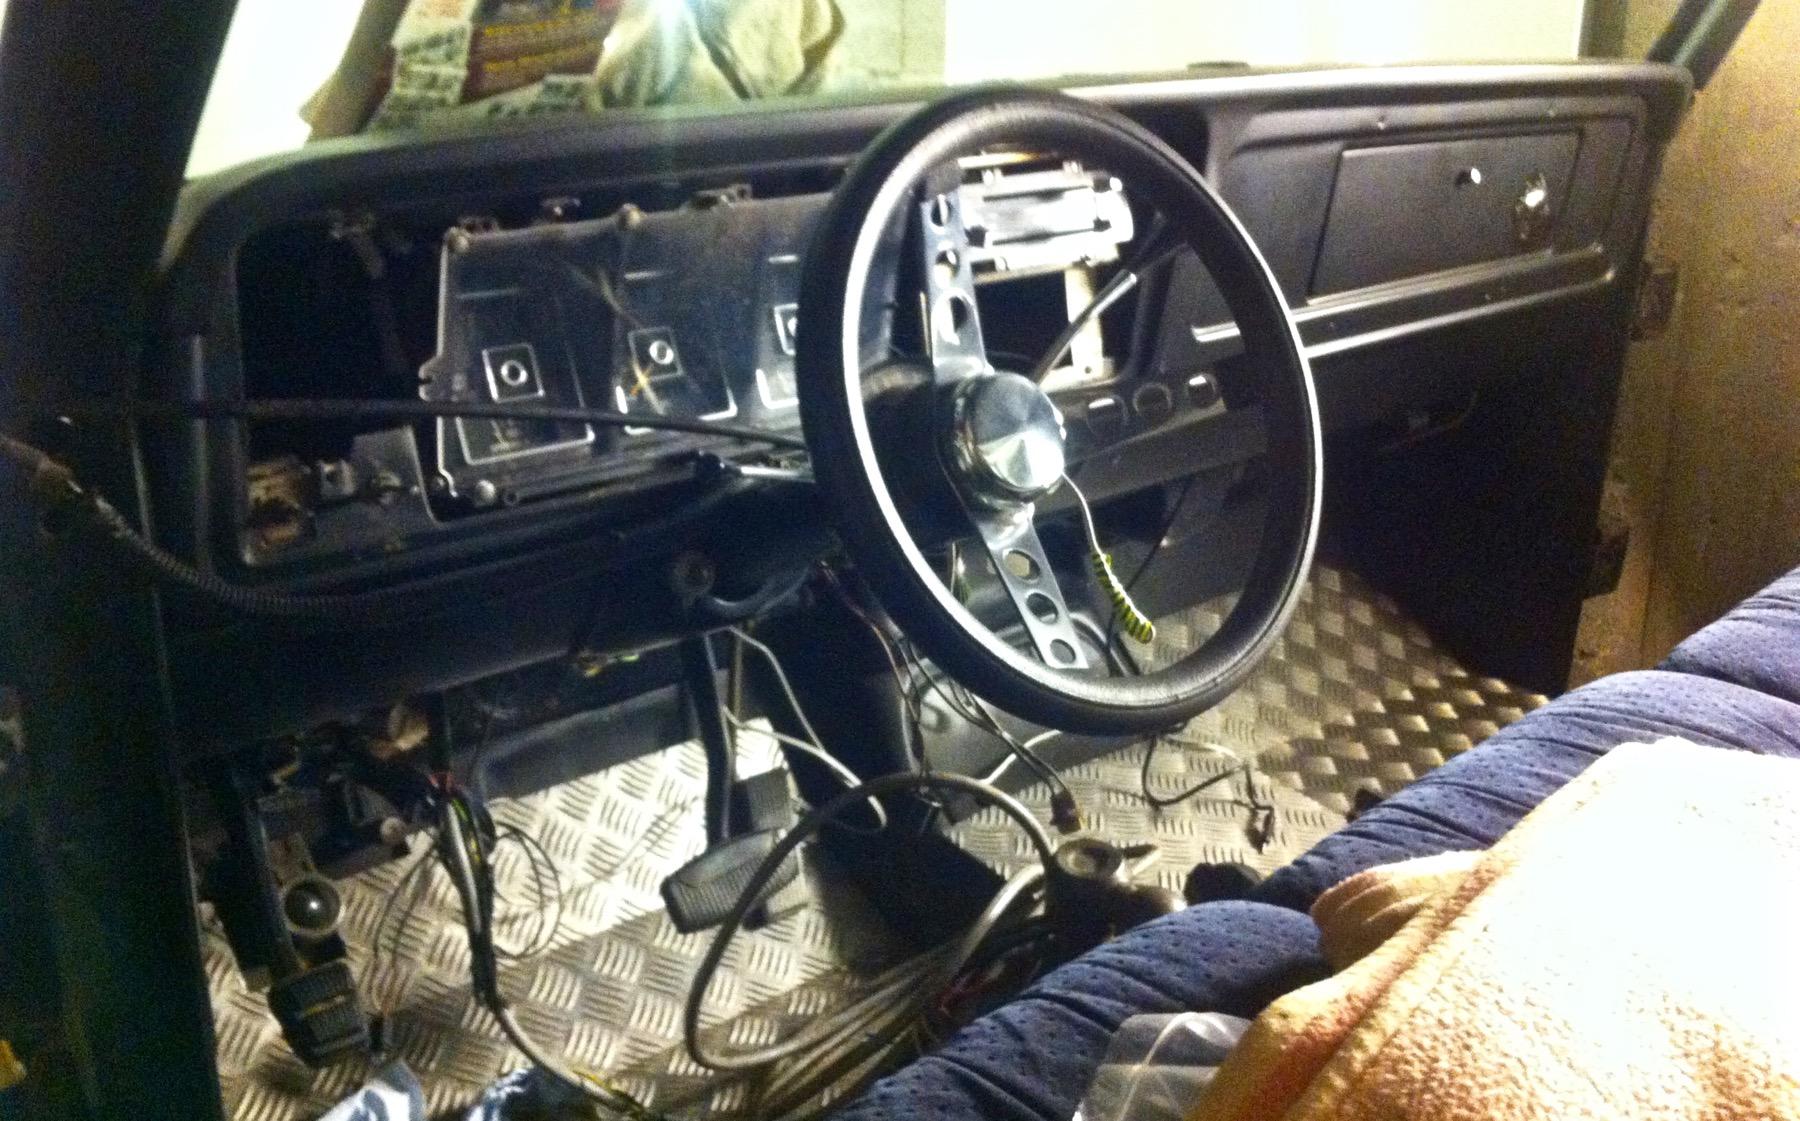 Kabelsalat im Cockpit, aber Riffelblech im Fußraum! Um die Elektrik kann man sich ja später kümmern.